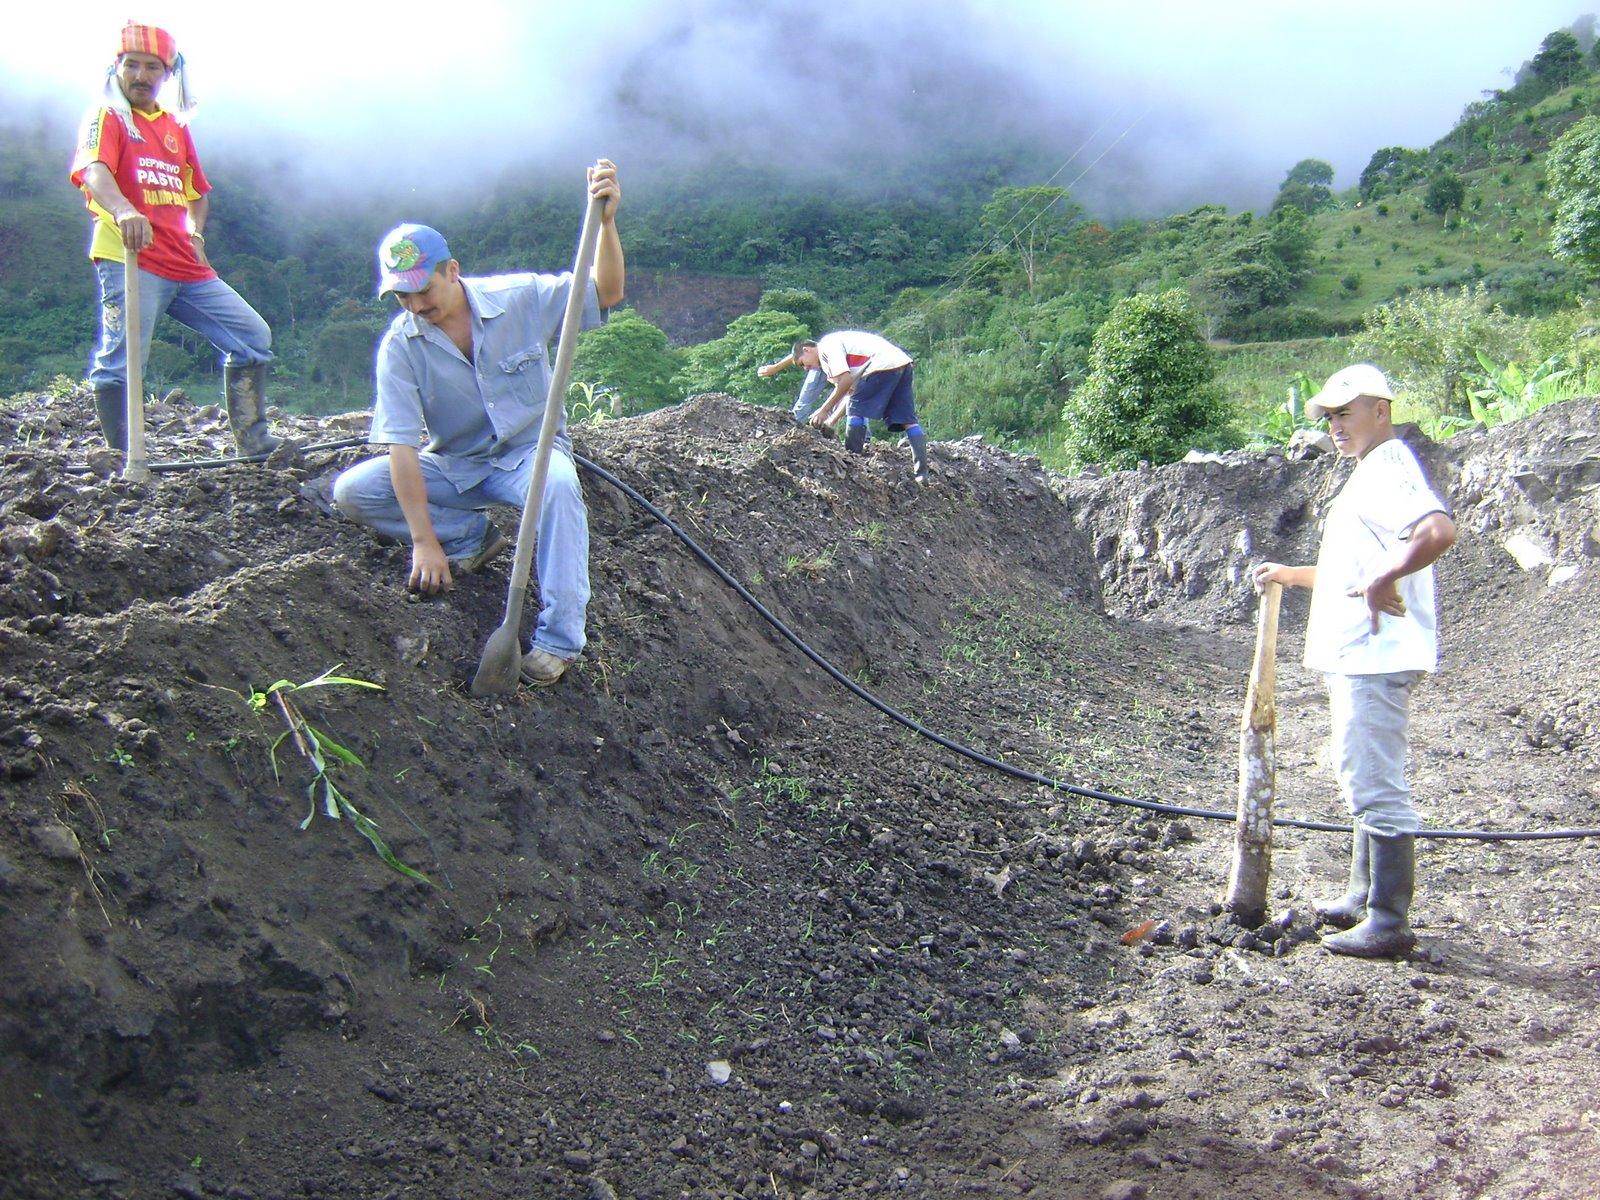 Dise o de instalaciones piscicolas acuicultura en colombia for Fertilizacion de estanques piscicolas